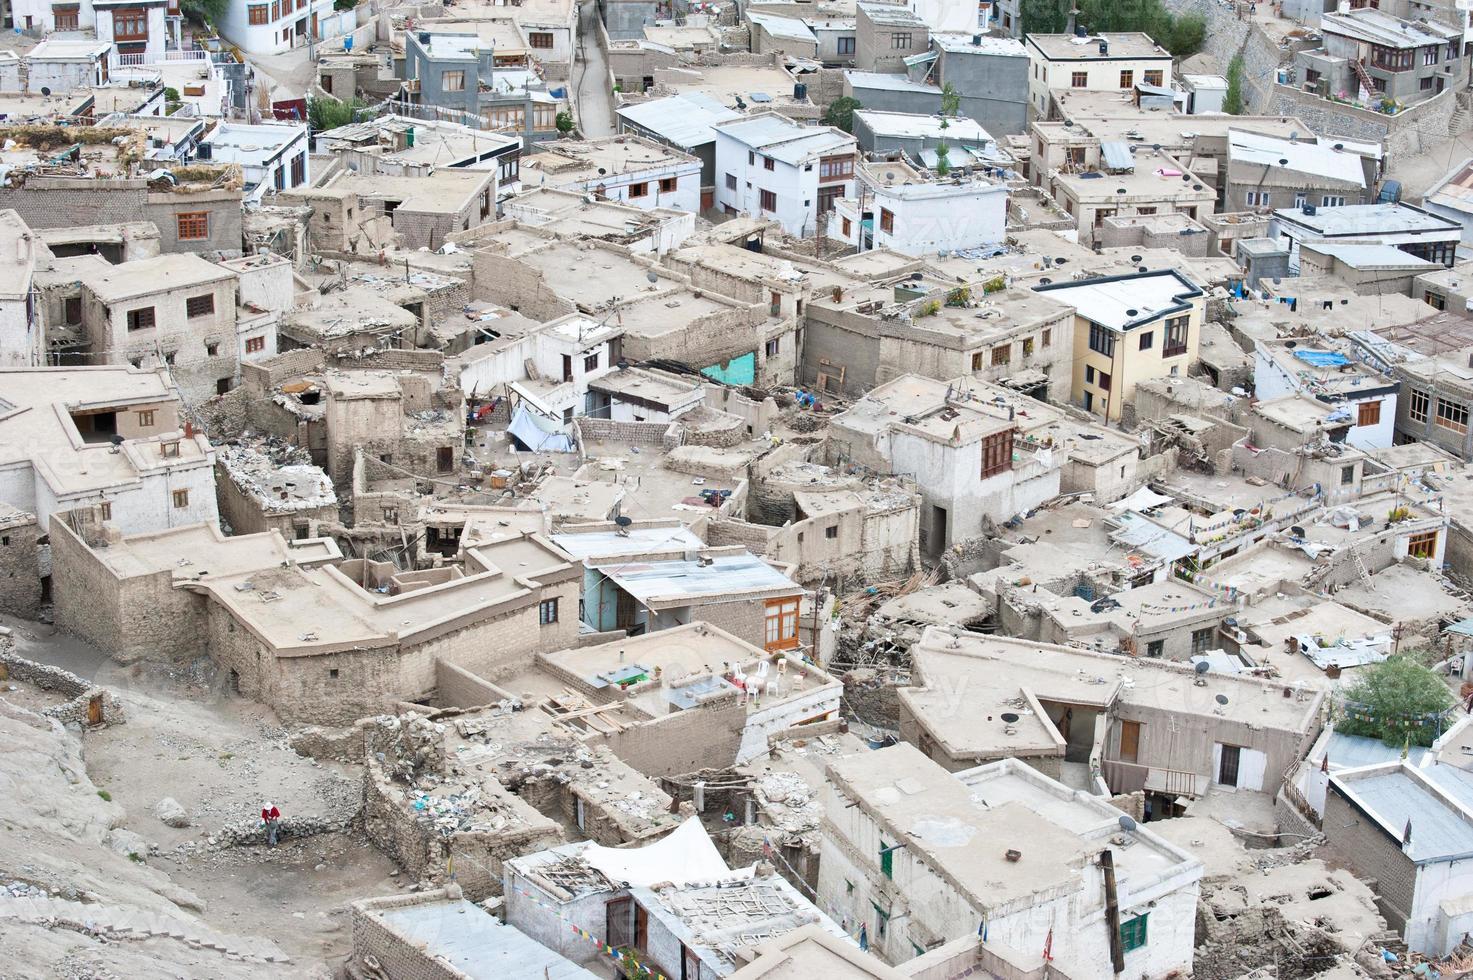 Die Stadtarchitektur. Indien, Ladakh foto